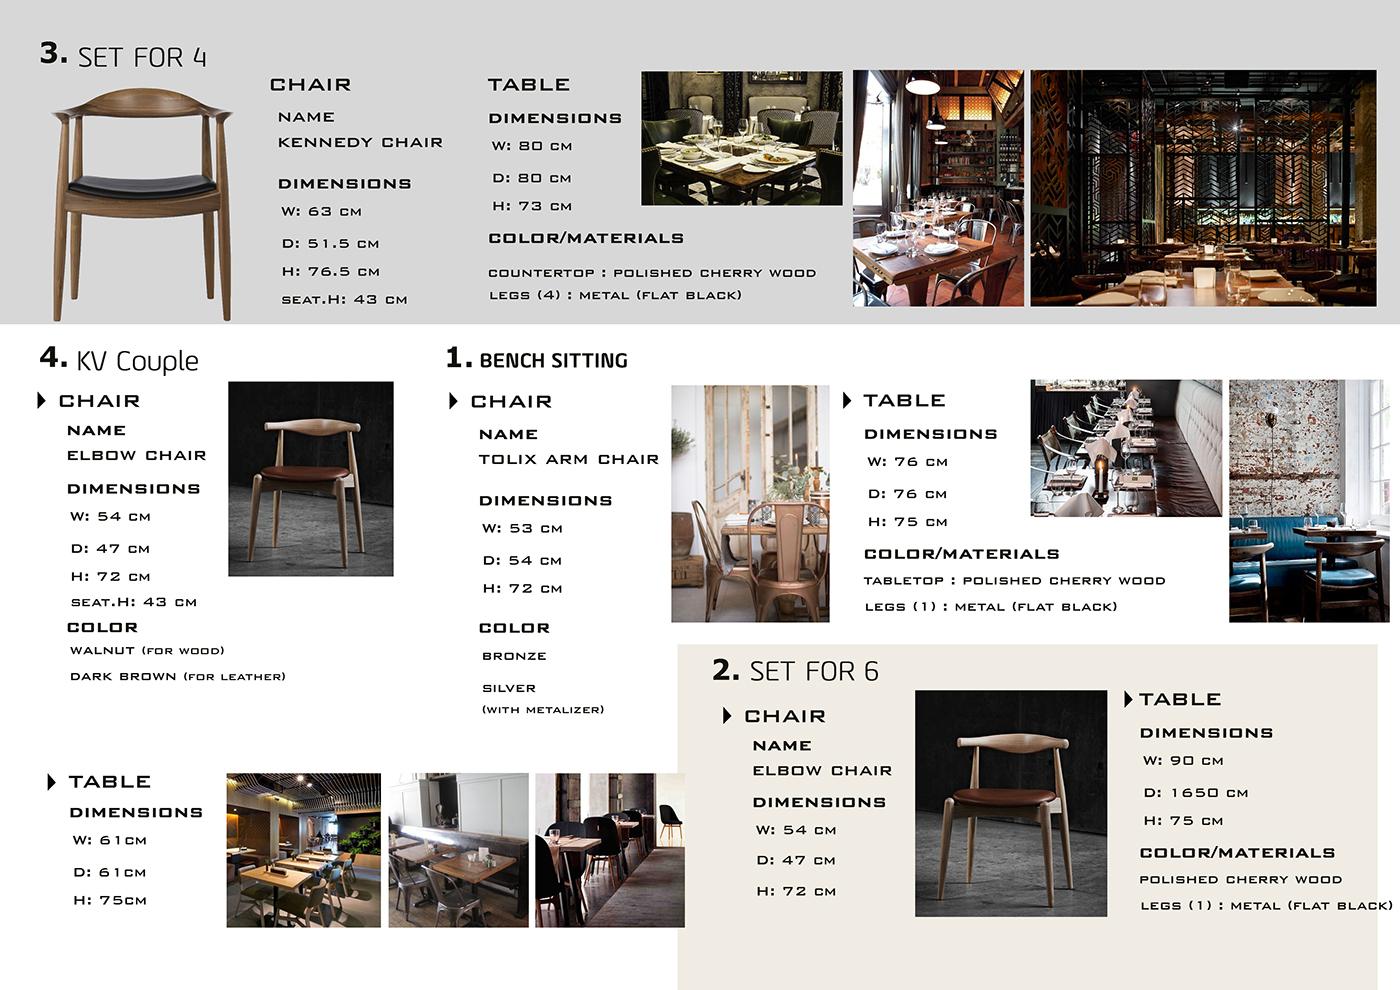 thiết kế nội thất Nhà Hàng tại Hồ Chí Minh Nội Thất Nhà Hàng Ngọc Sương Steak&Seafood - Q1 0 1534747108